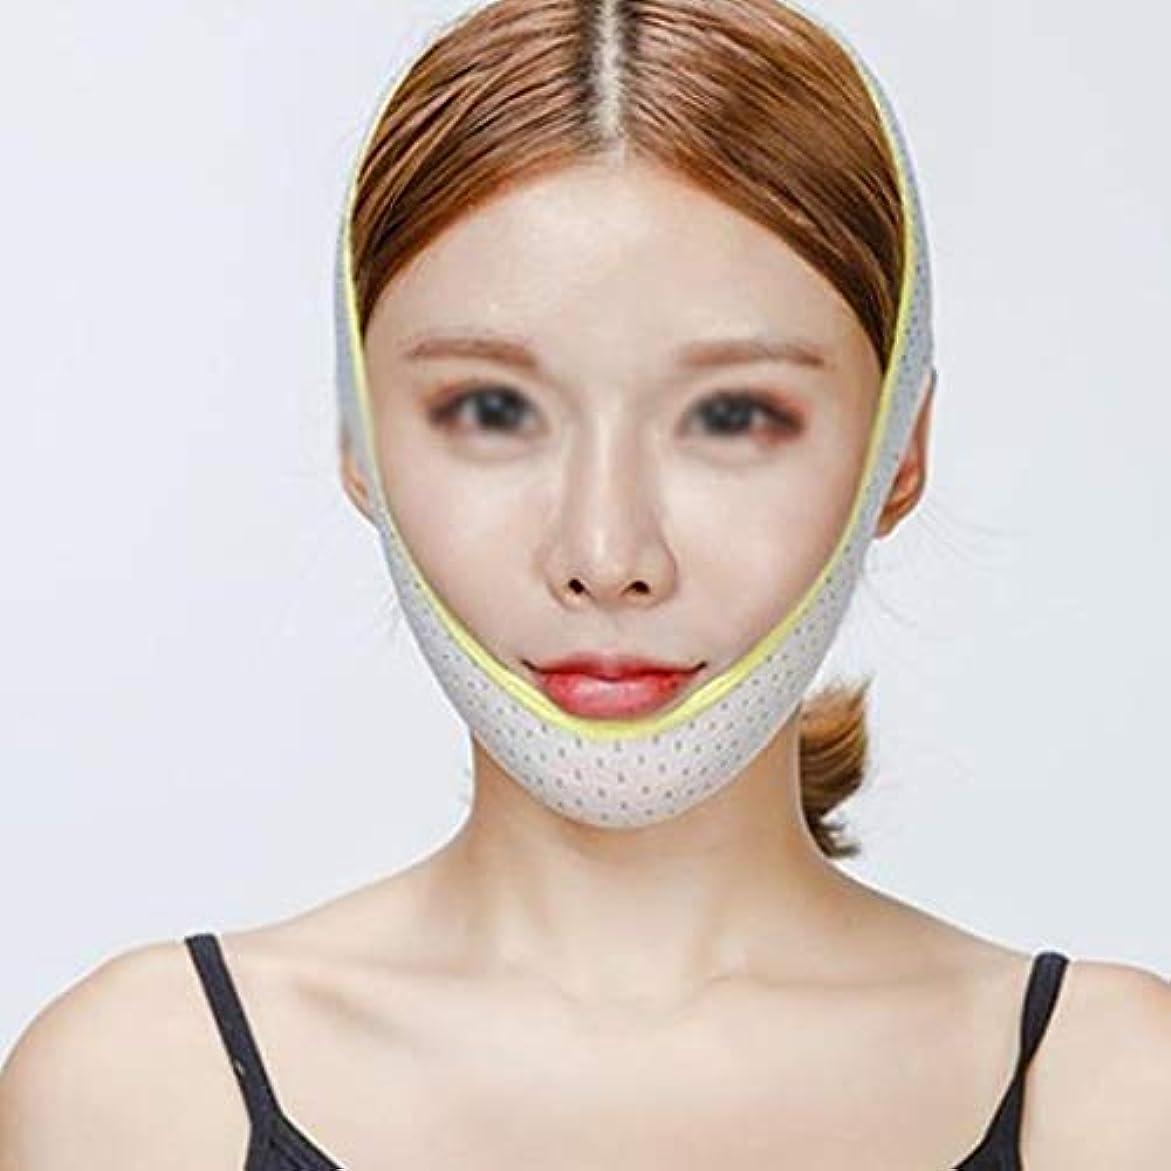 秀でるメーターアルバムZWBD フェイスマスク, Vフェイスアーティファクトフェイスリフトステッカー本物のフェイスリフト韓国フェイスフェイシャルリフティングファーミングインストゥルメントフェイシャルリフティング睡眠包帯